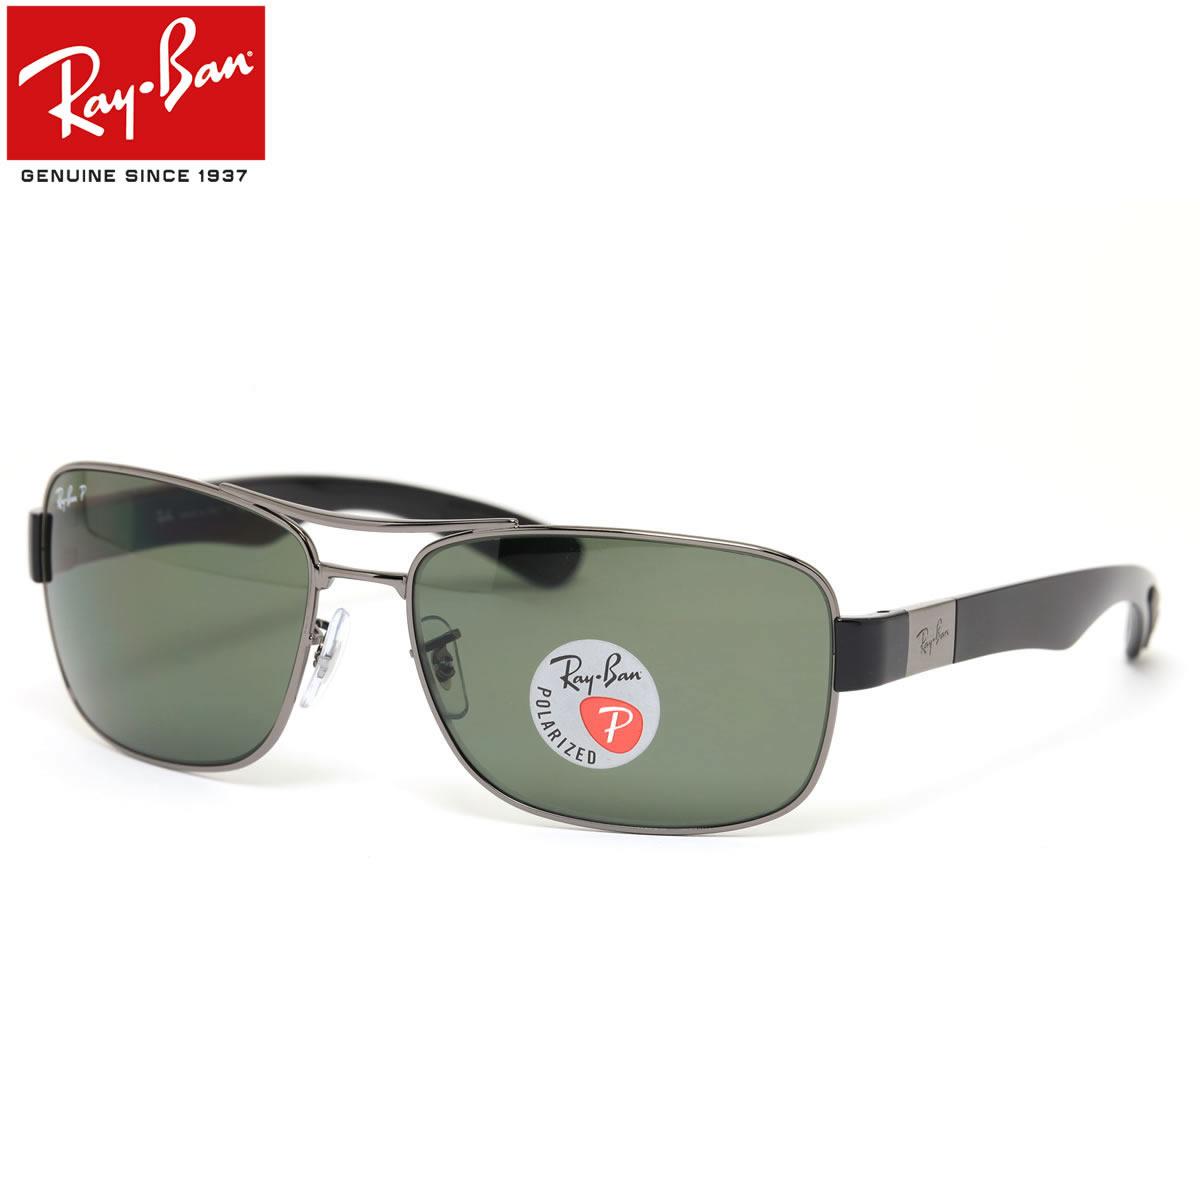 レイバン サングラス 偏光 Ray-Ban RB3522 004/9A 64サイズ レイバン RAYBAN 0049A ツーブリッジ ダブルブリッジ スクエア 偏光レンズ 偏光サングラス メンズ レディース